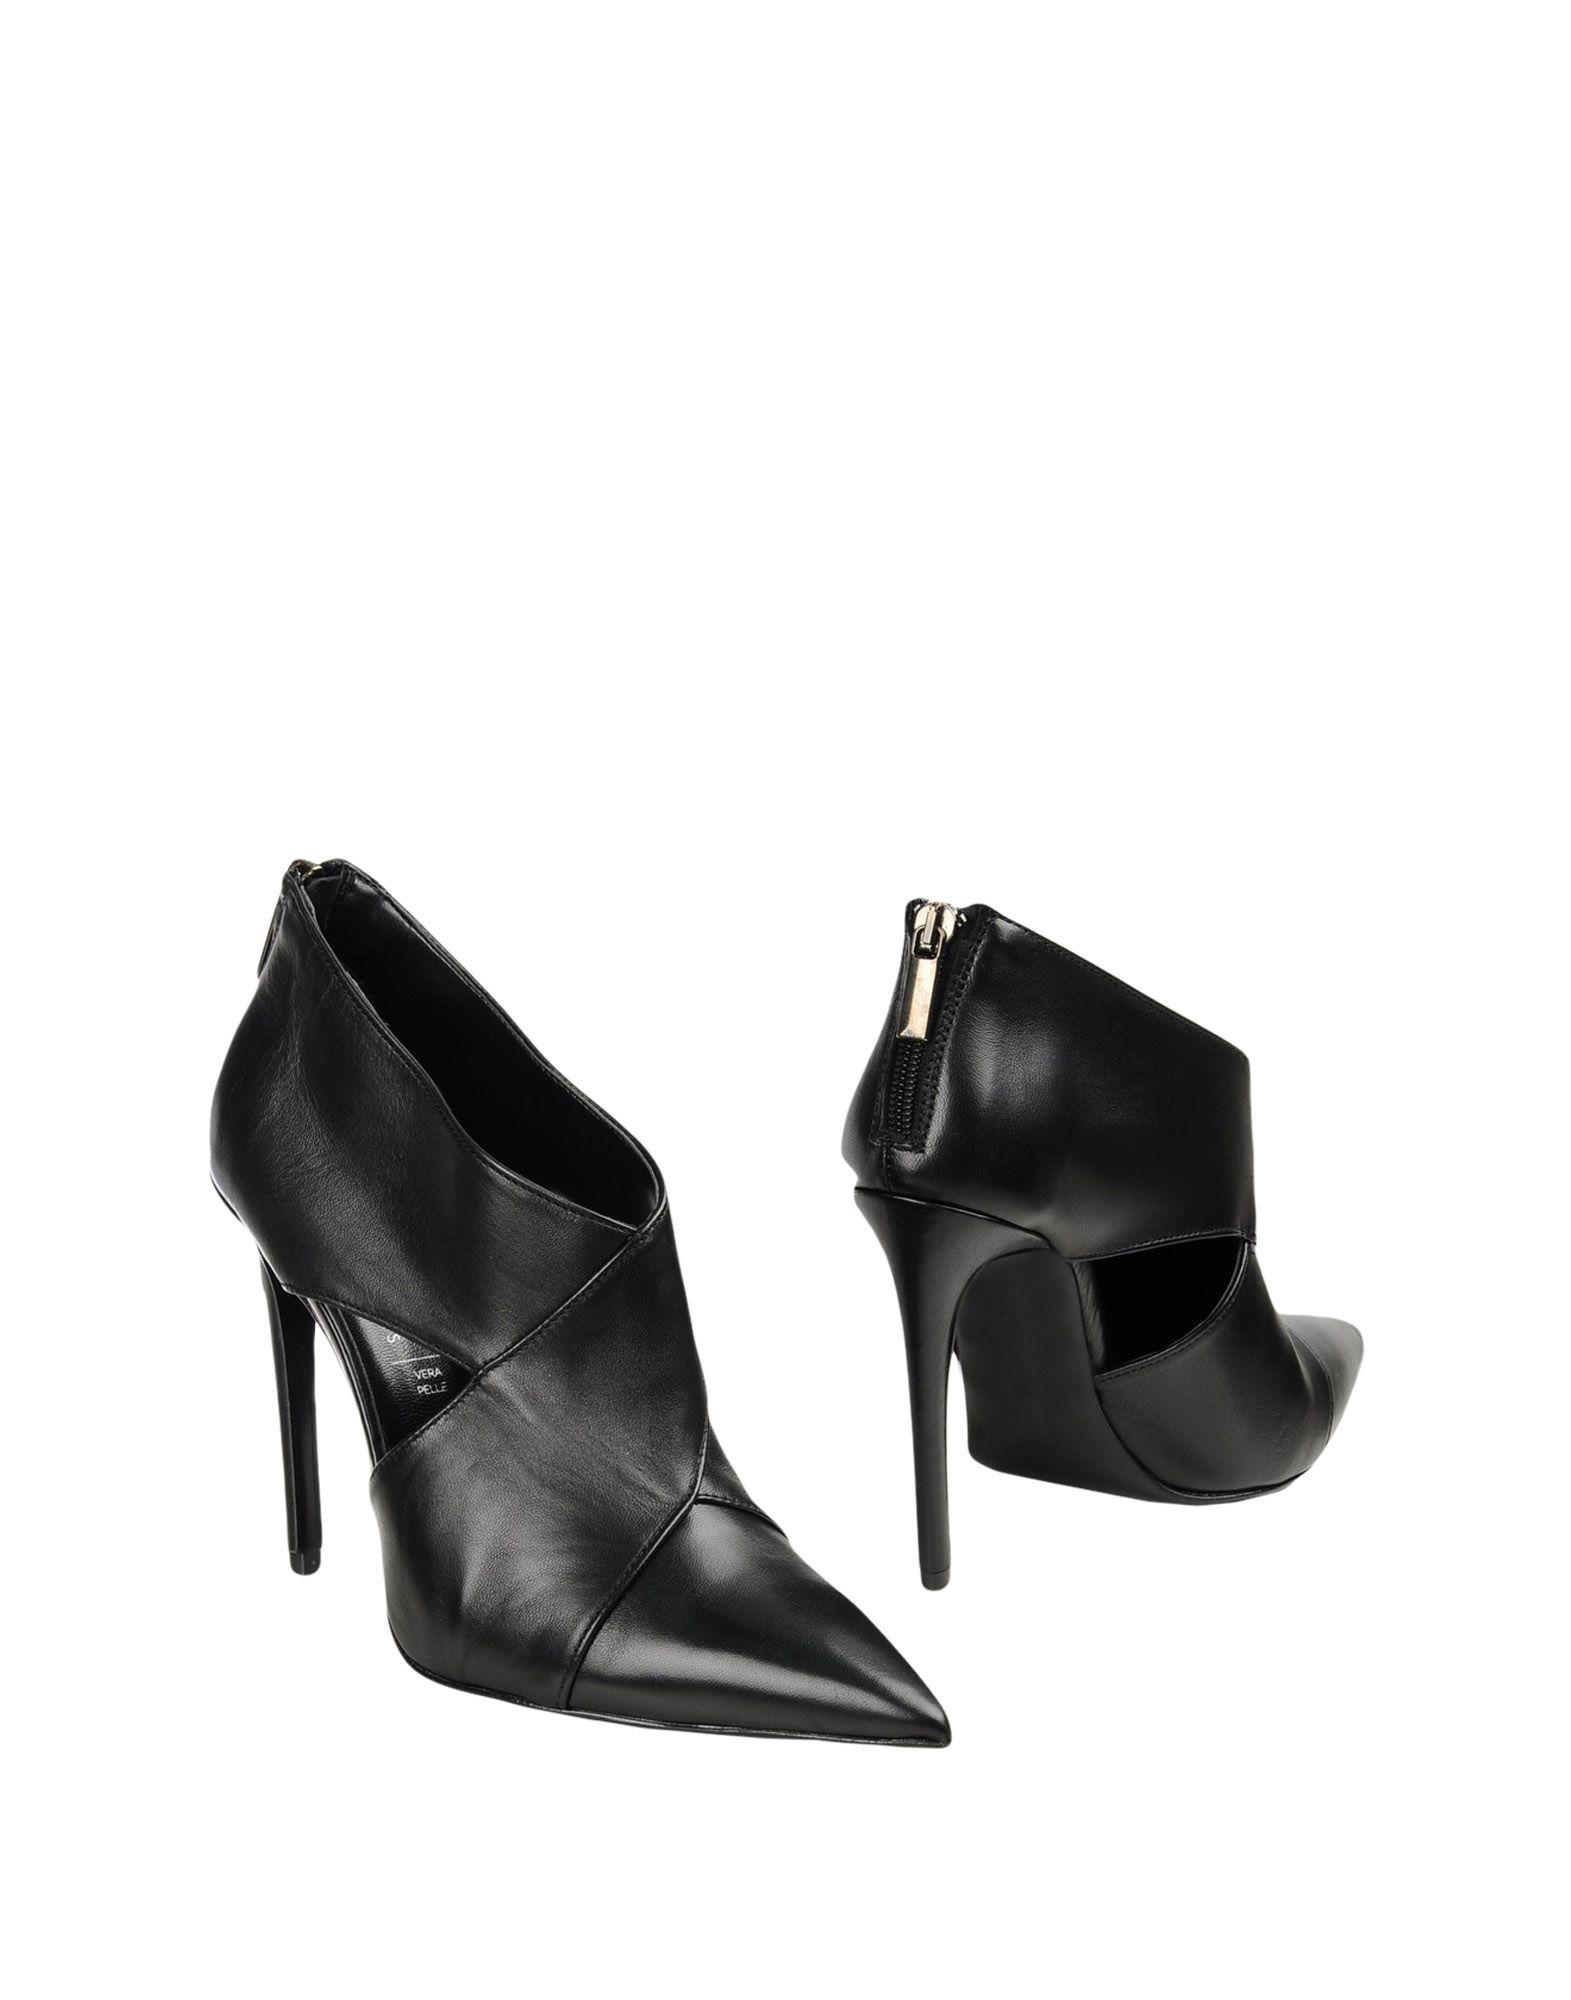 Jolie By Edward Spiers Stiefelette Damen  11423754SJ Gute Qualität beliebte Schuhe